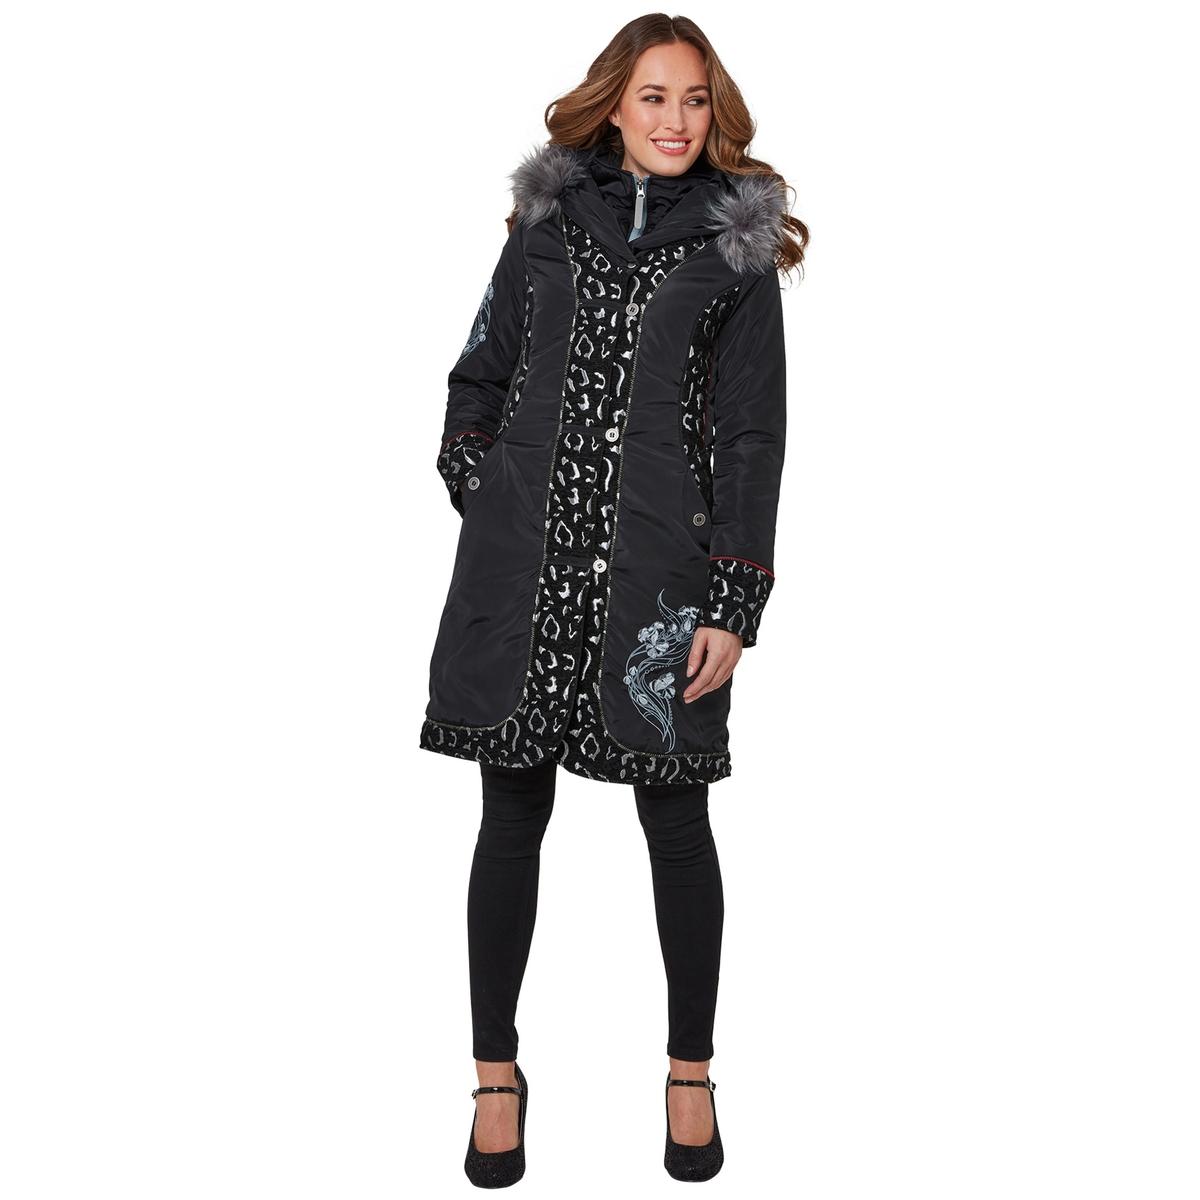 Пальто La Redoute Средней длины с капюшоном из искусственного меха 36 (FR) - 42 (RUS) черный цены